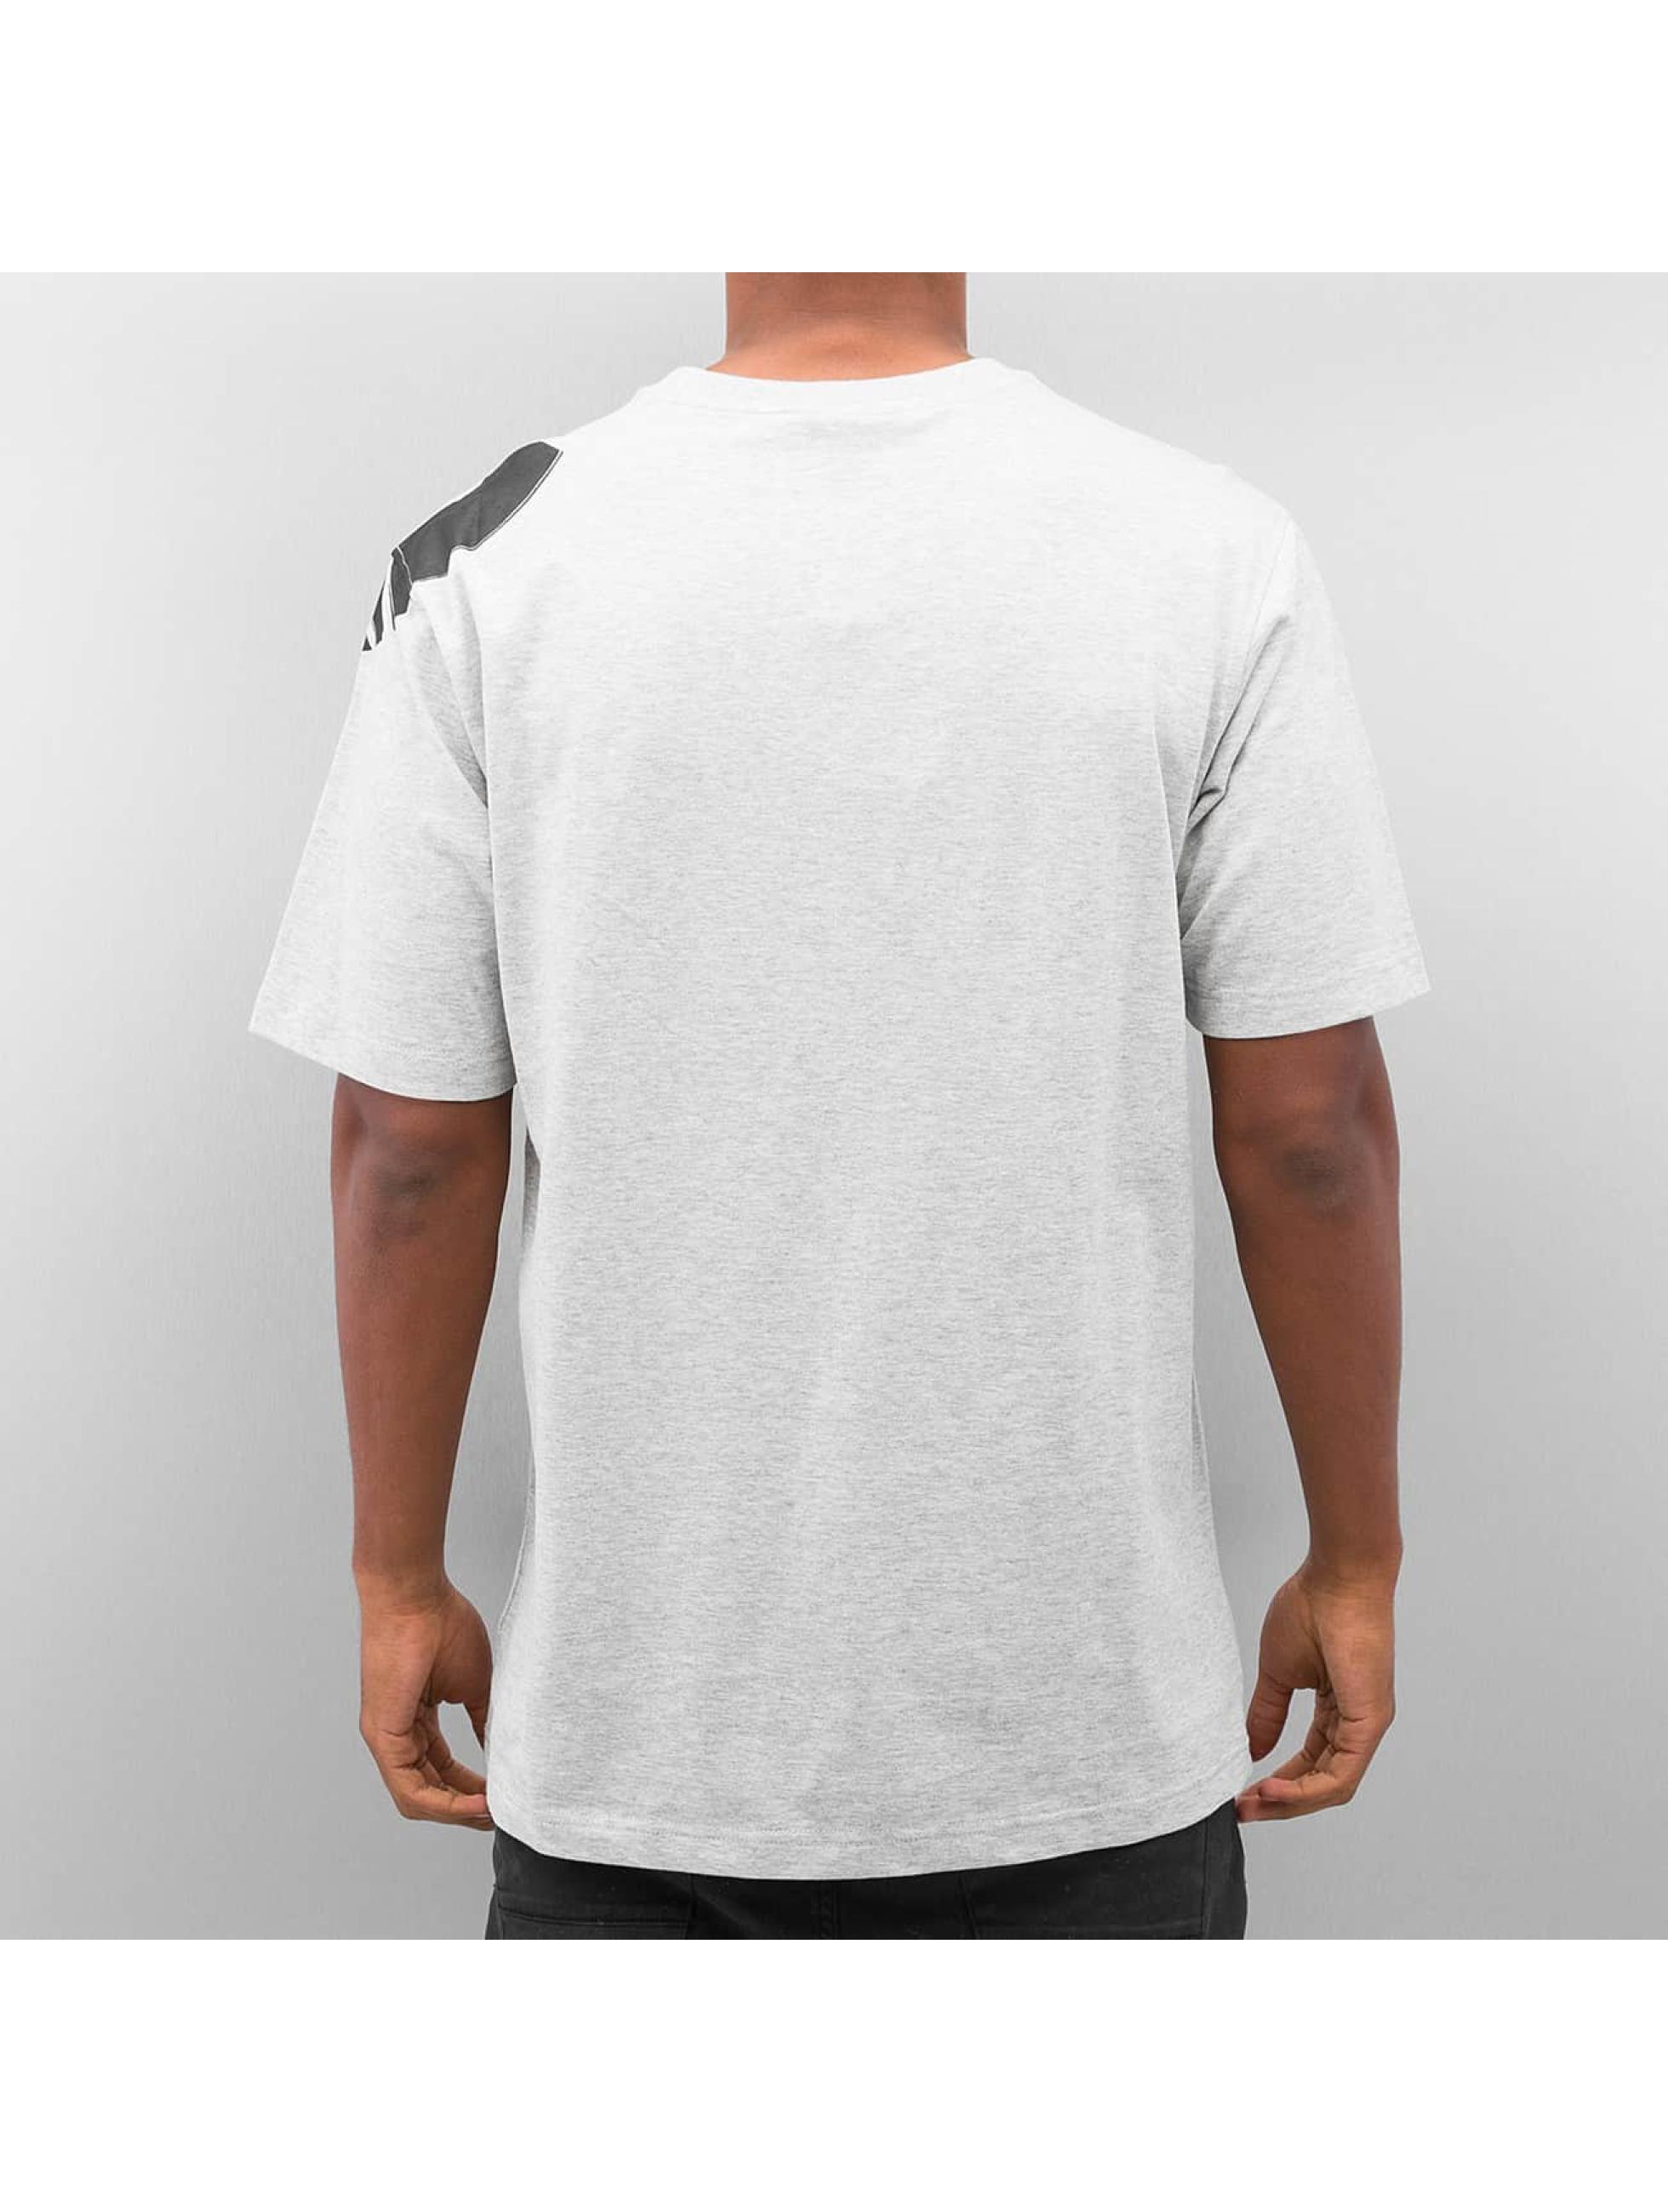 Pelle Pelle T-Shirt Demolition grau